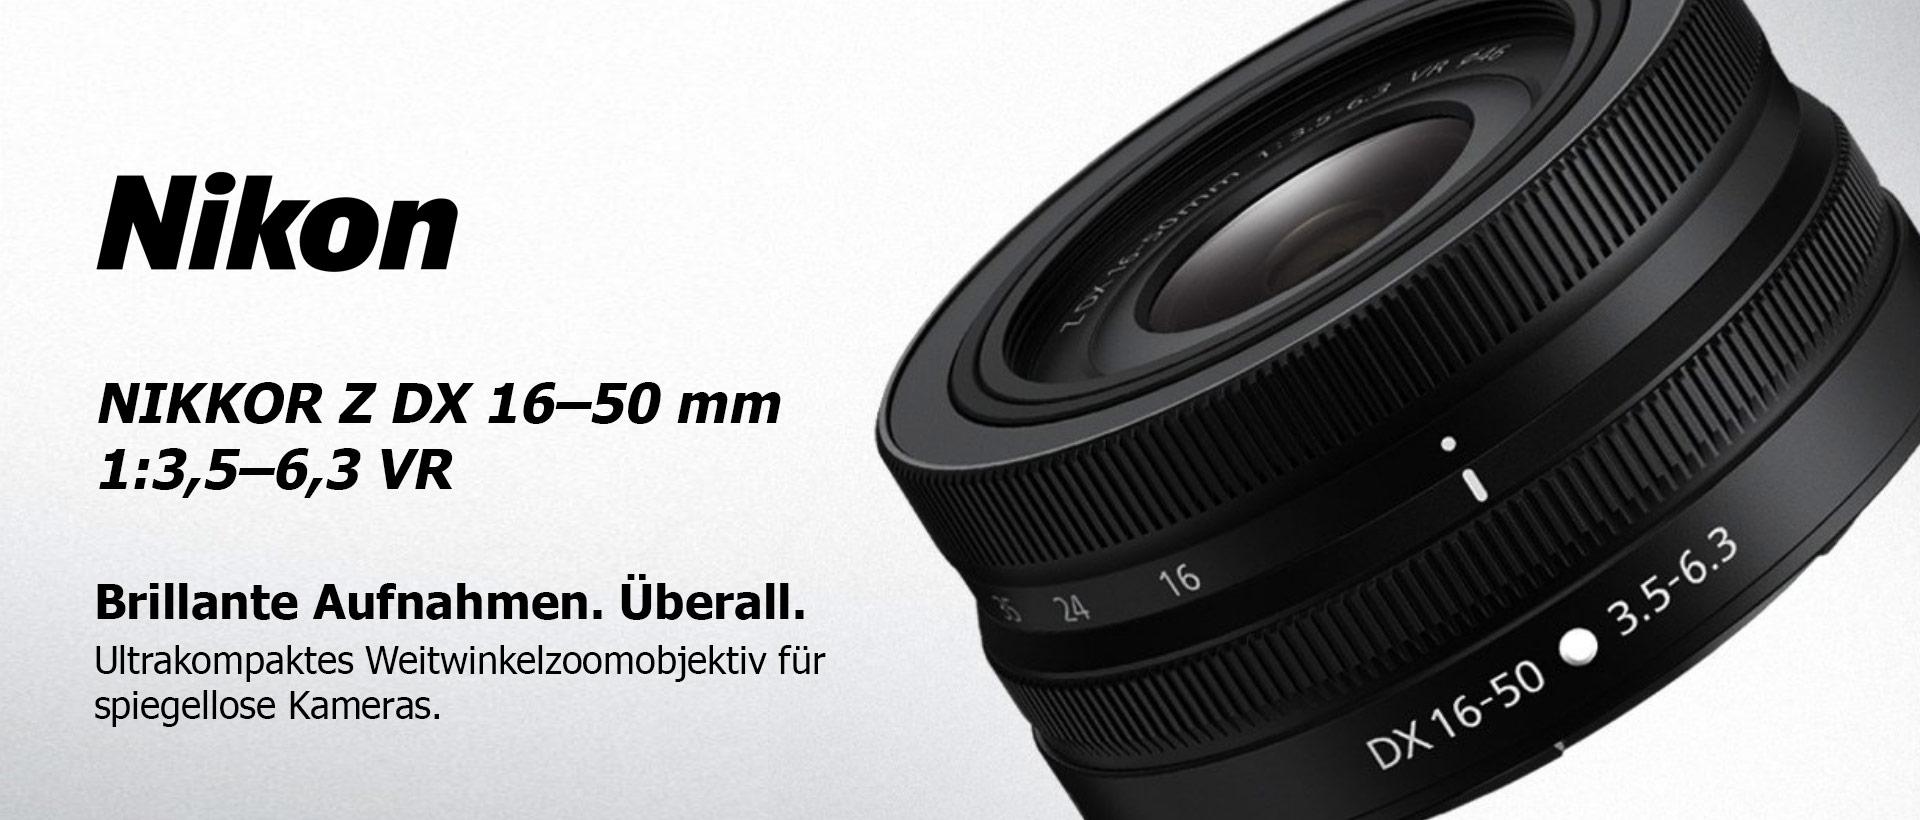 Nikon Nikkor Z DX 16-50mm